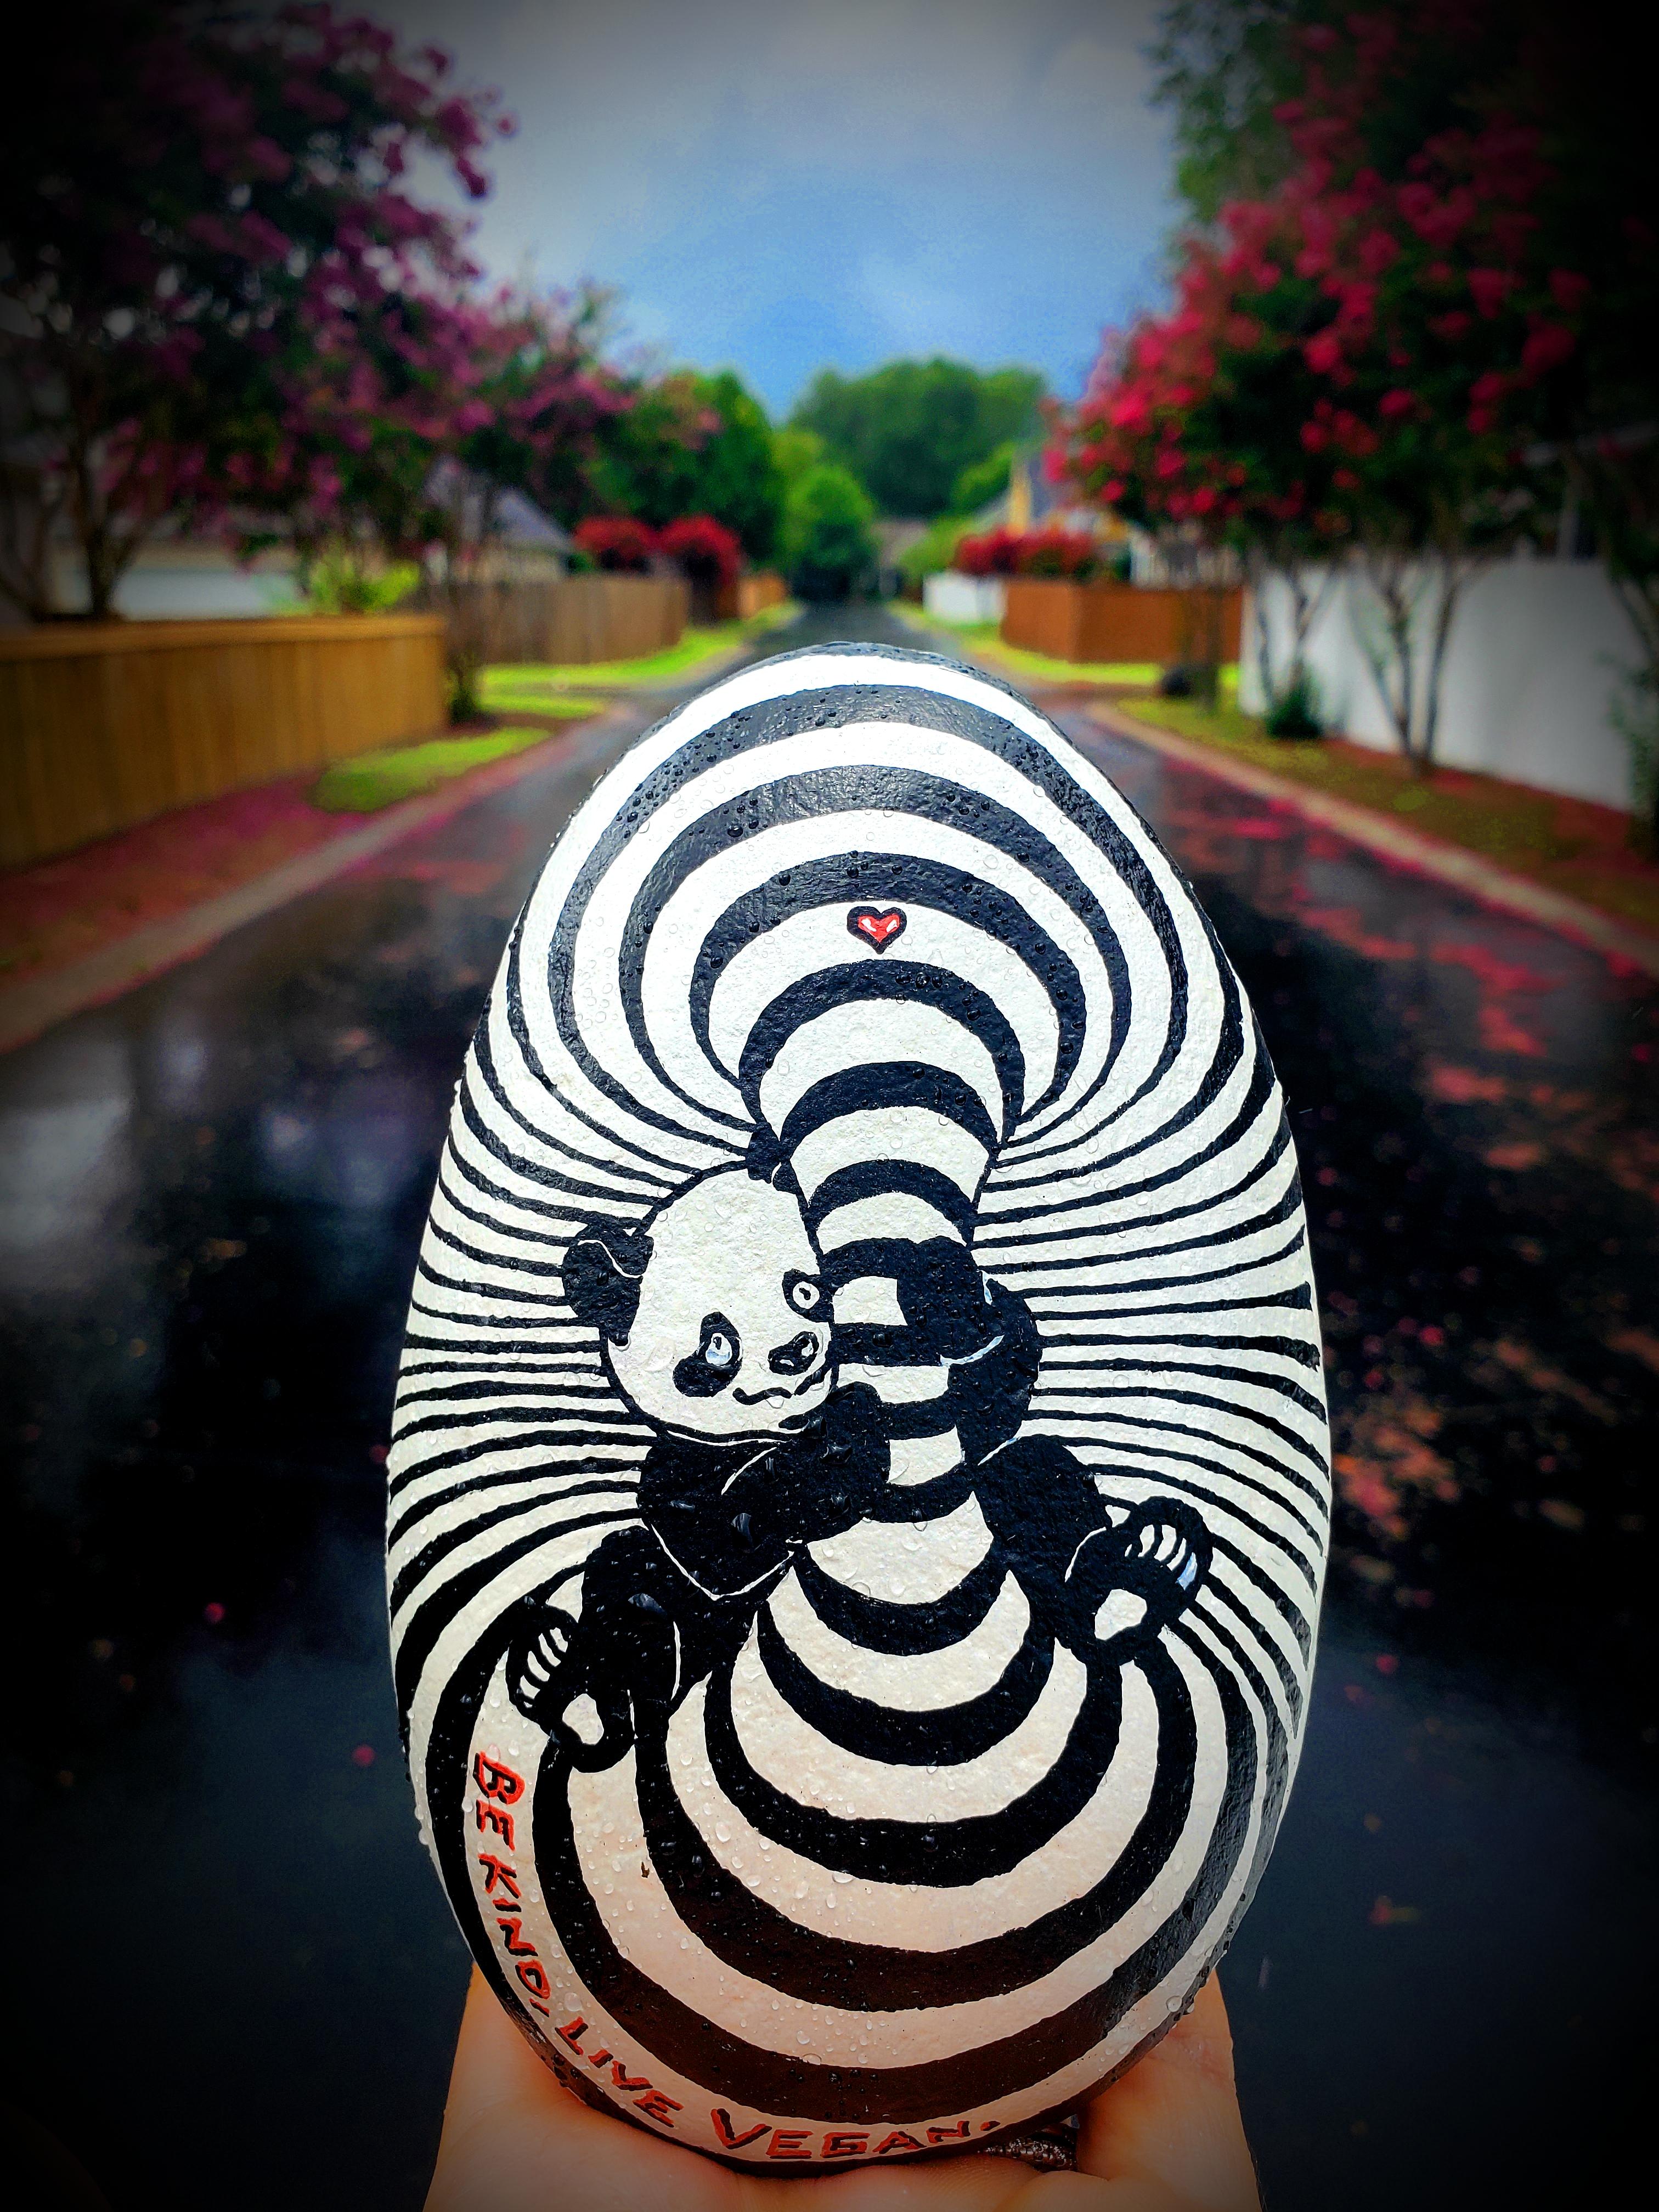 Street art by Nicole McLaren